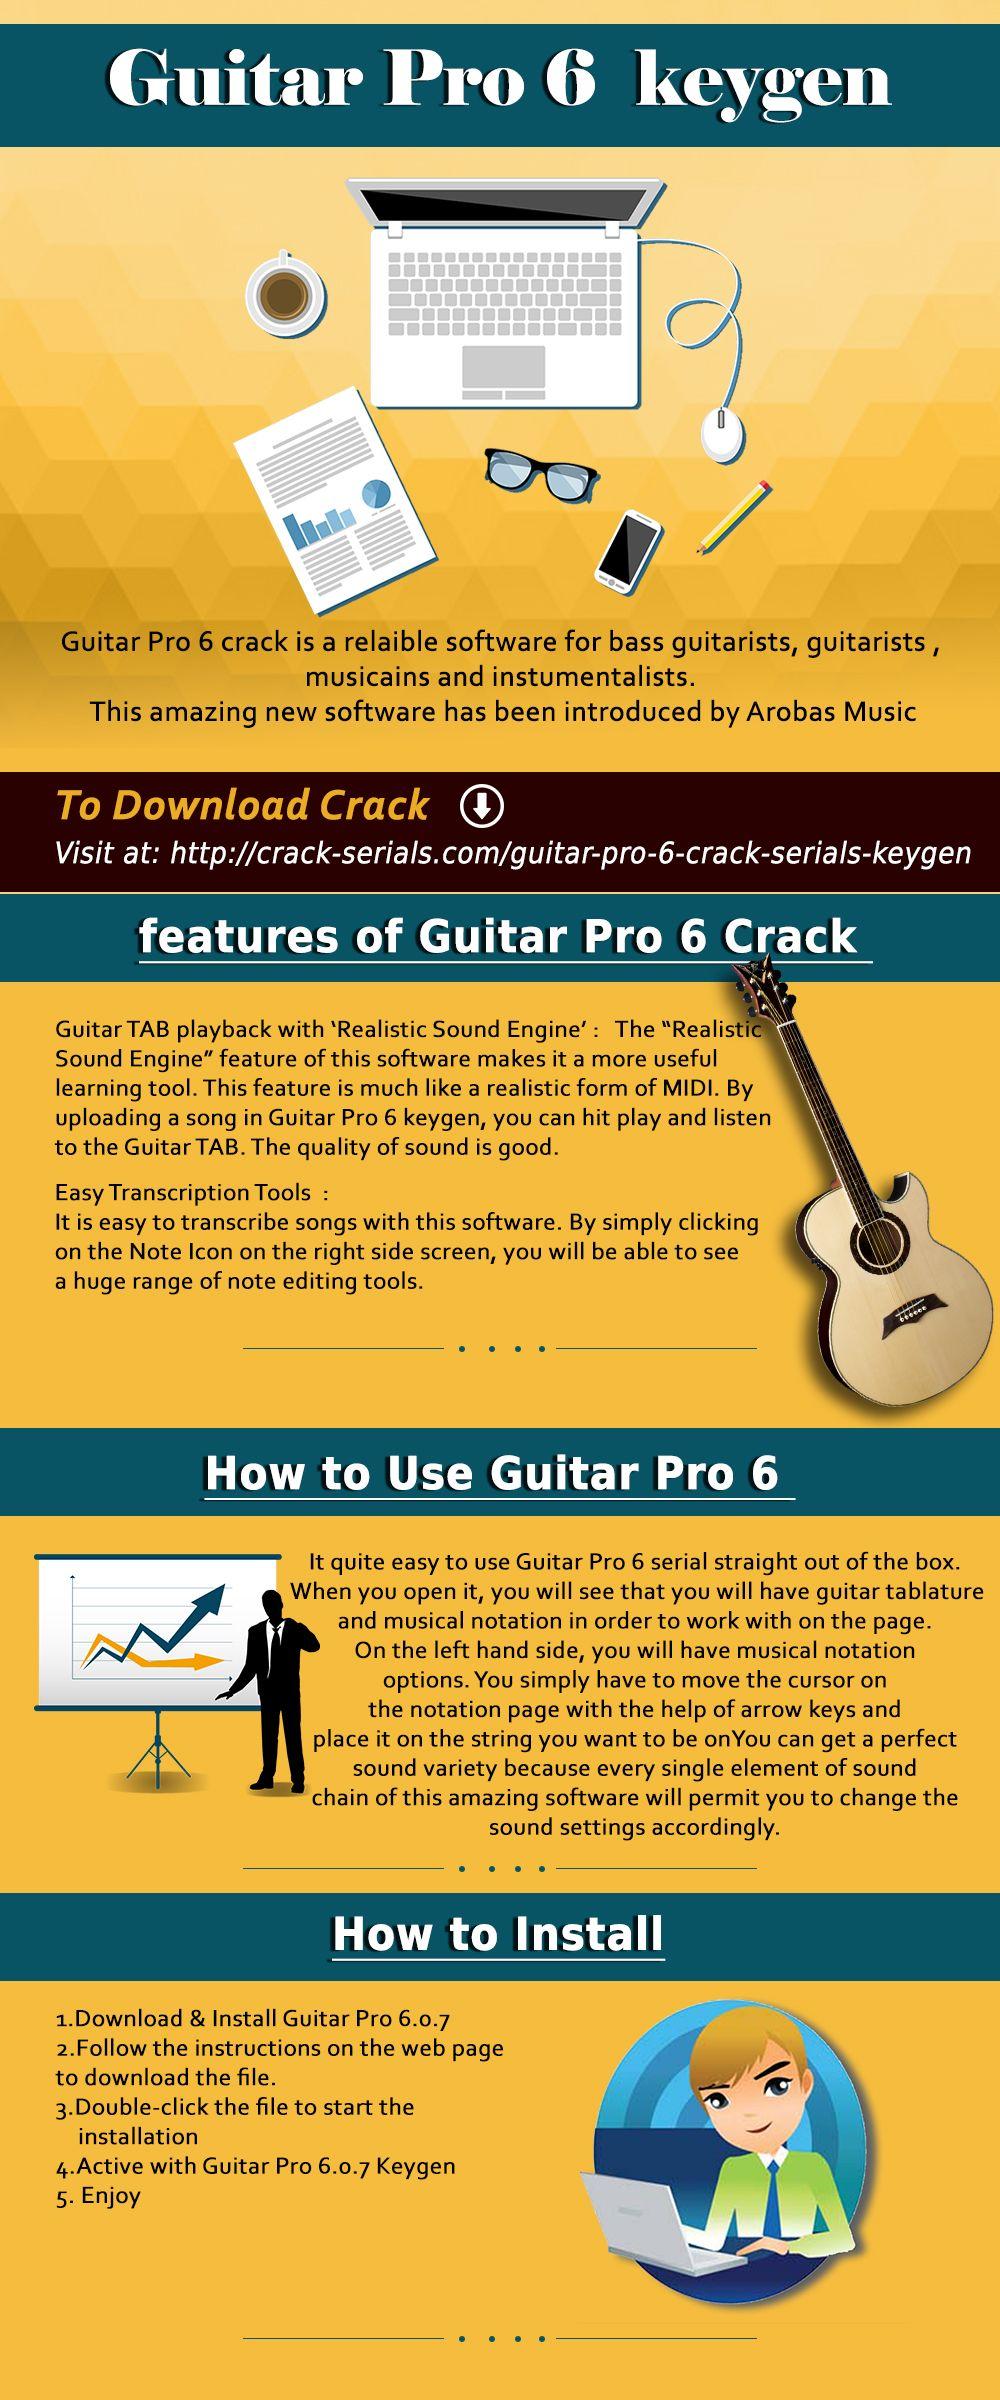 Guitar Pro 6 Keygen Will Not Only Make Writing Music Easier For